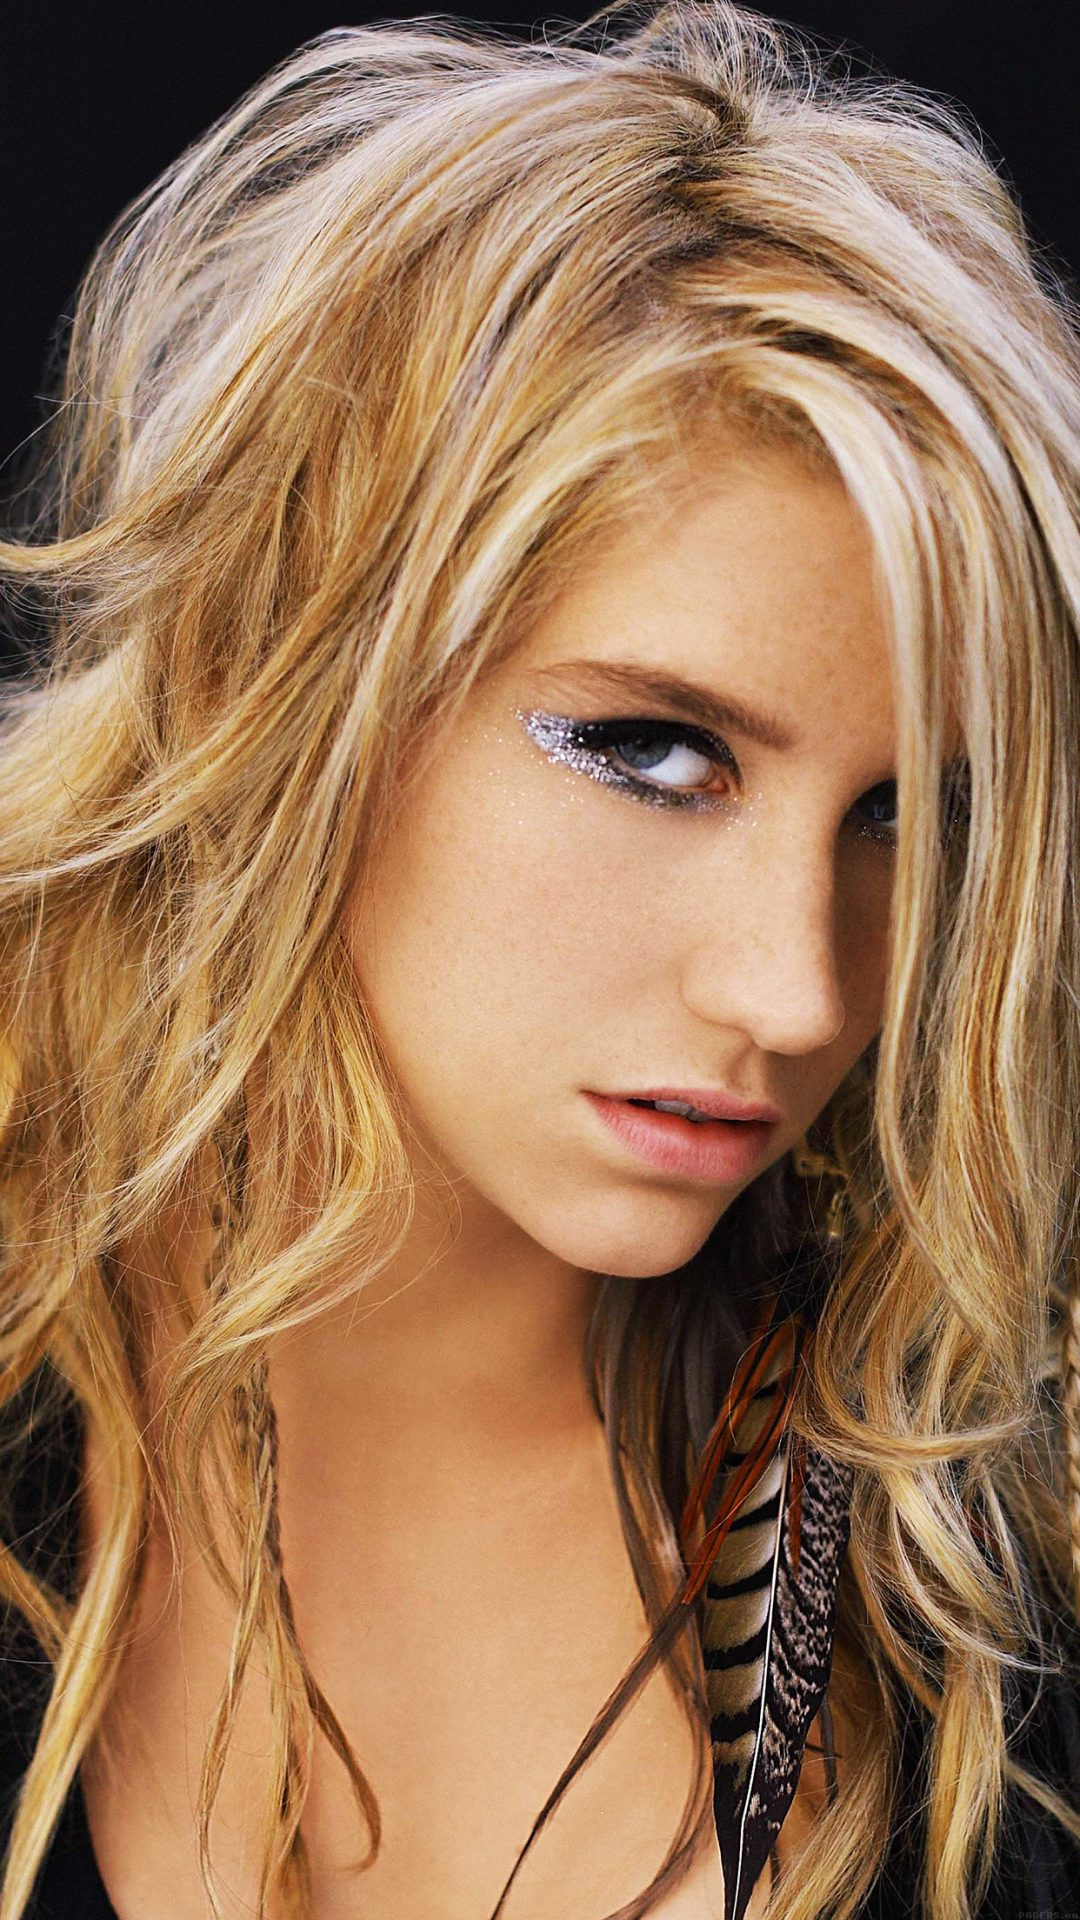 Kesha Singer Pop Artist Celebrity Music